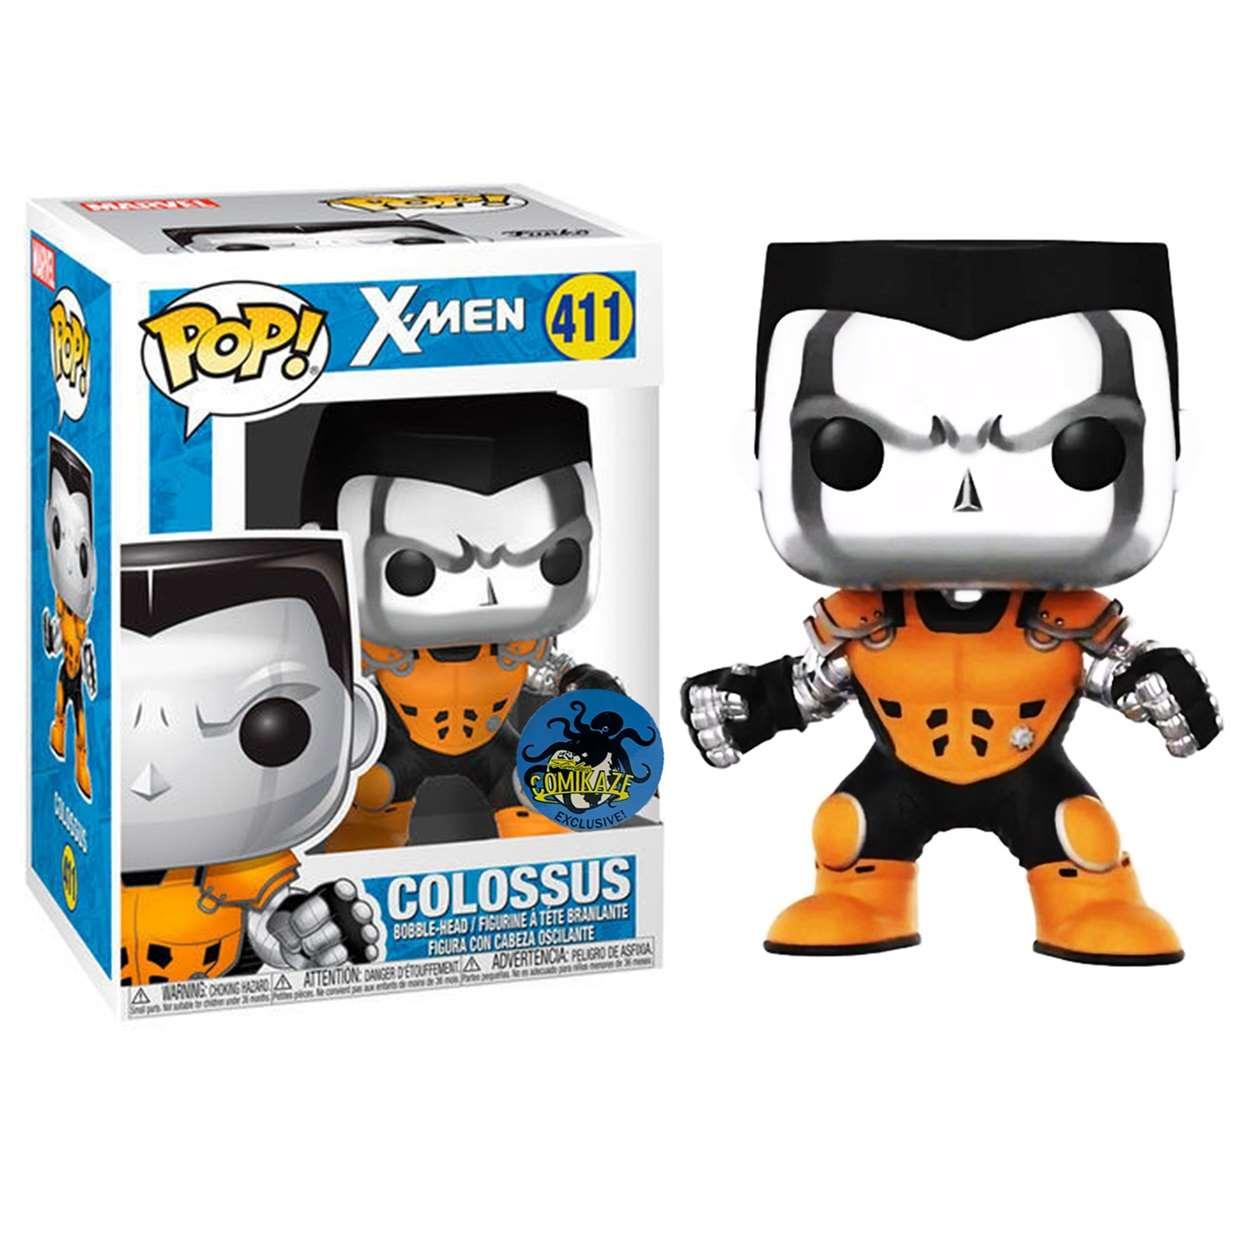 Colossus #411 X- Men Figura Funko Pop! Exclusivo Comikaze